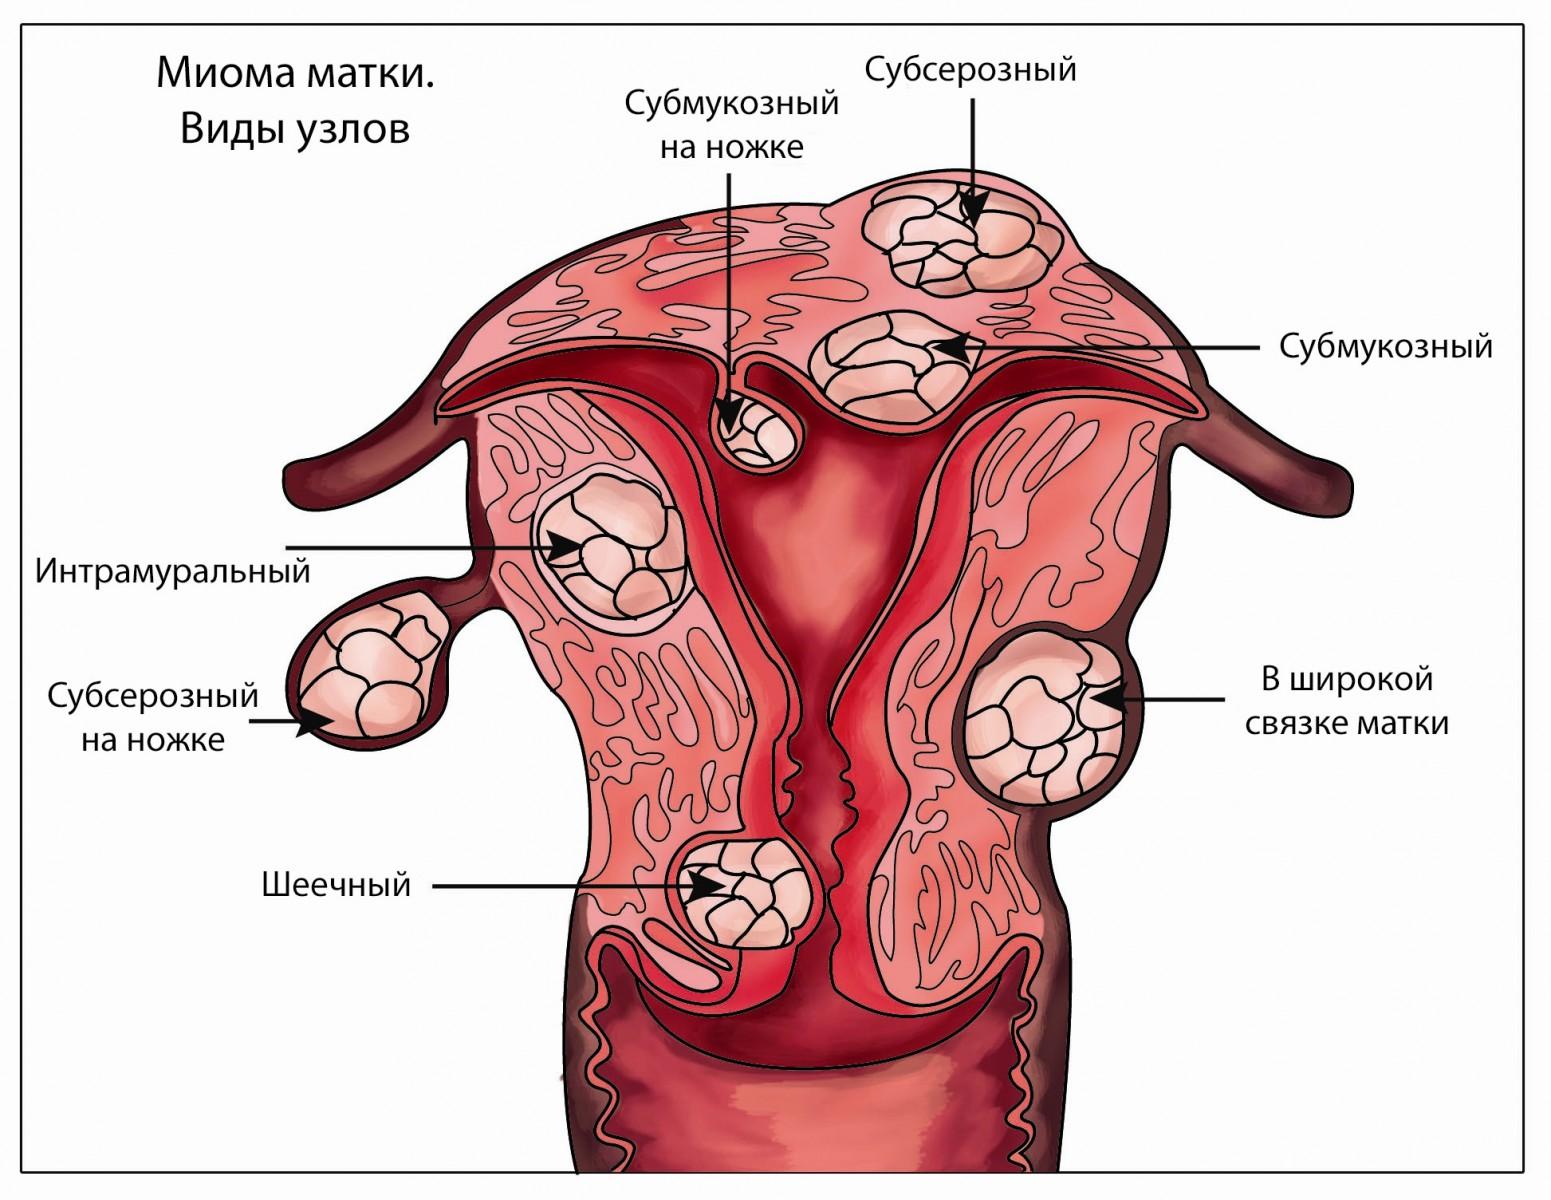 Миома матки — что это Симптомы и варианты лечения